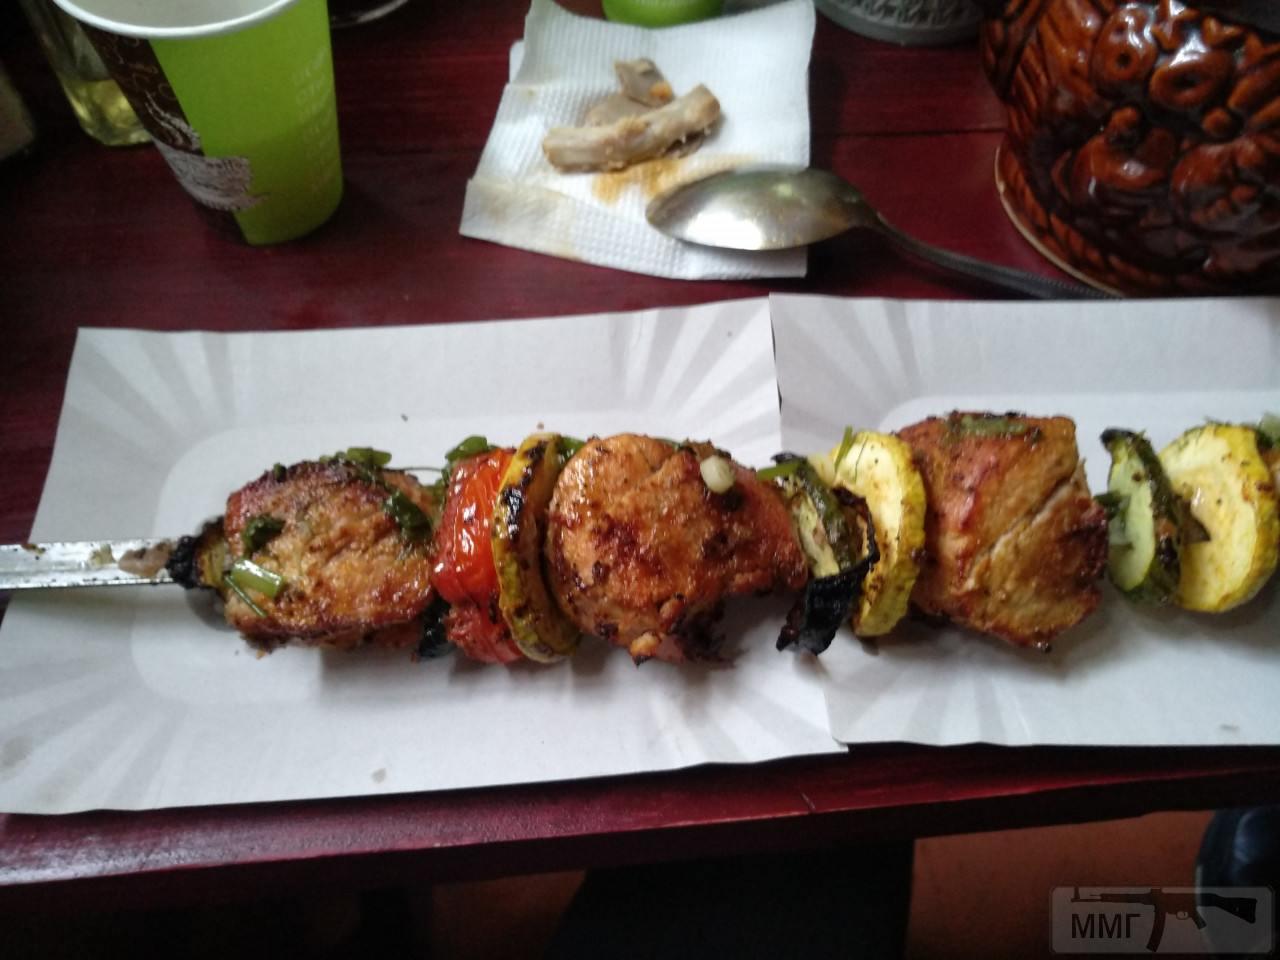 107216 - Закуски на огне (мангал, барбекю и т.д.) и кулинария вообще. Советы и рецепты.